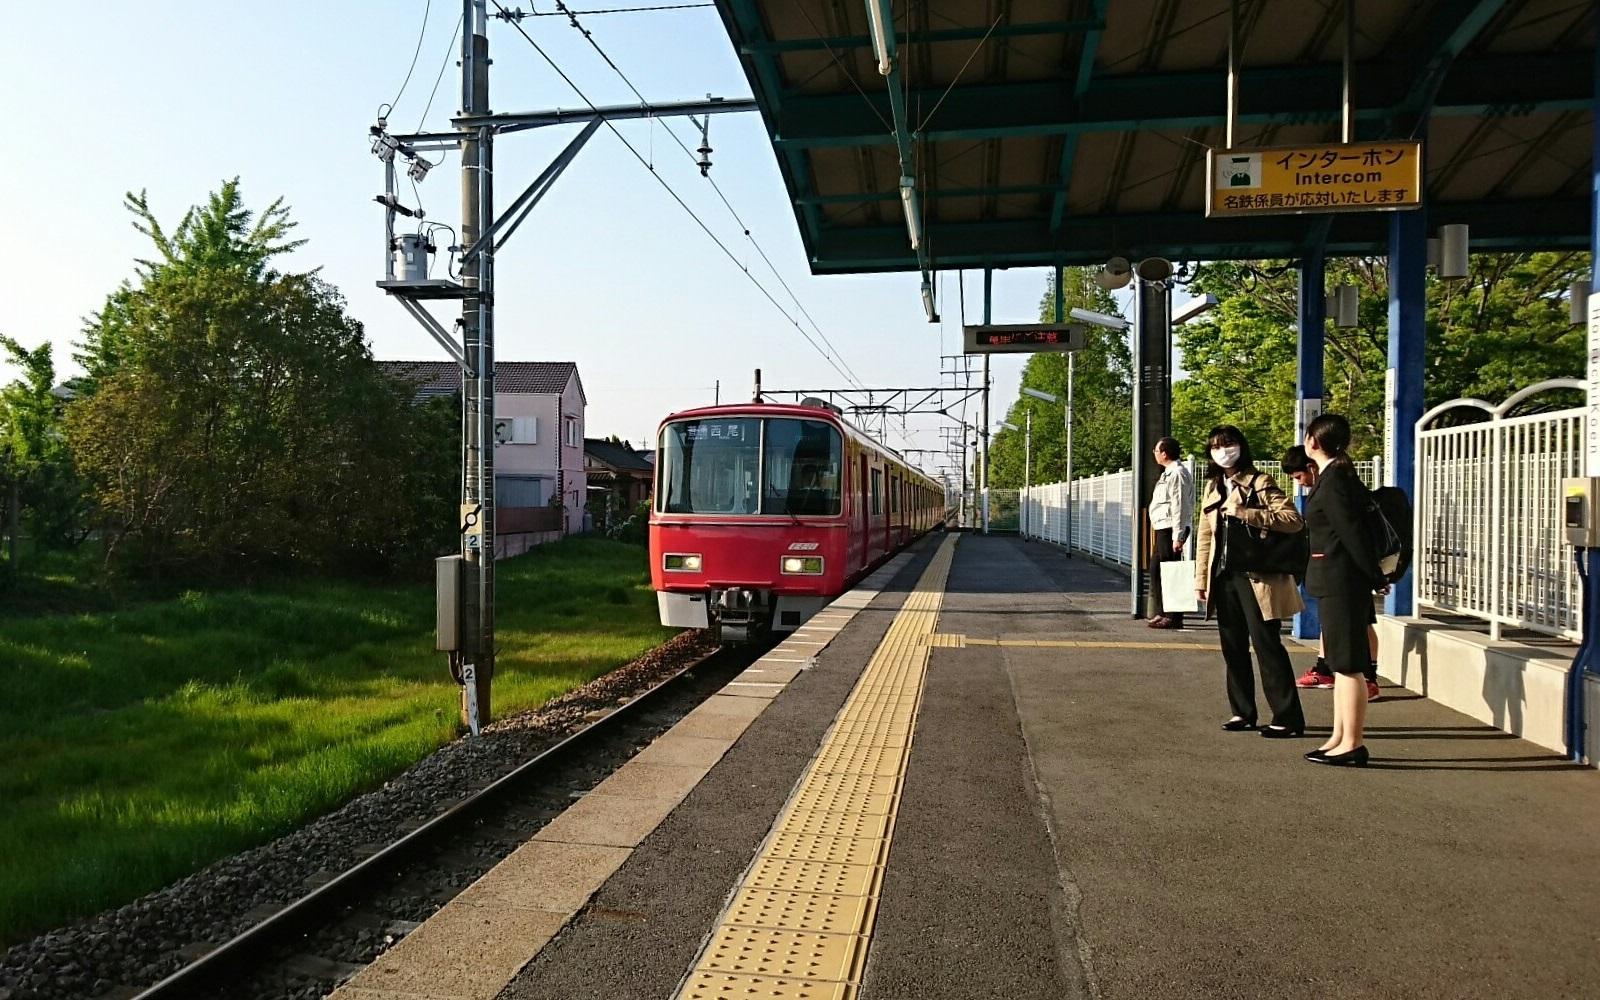 2018.4.20 堀内公園 (6) 堀内公園 - 西尾いきふつう 1600-1000